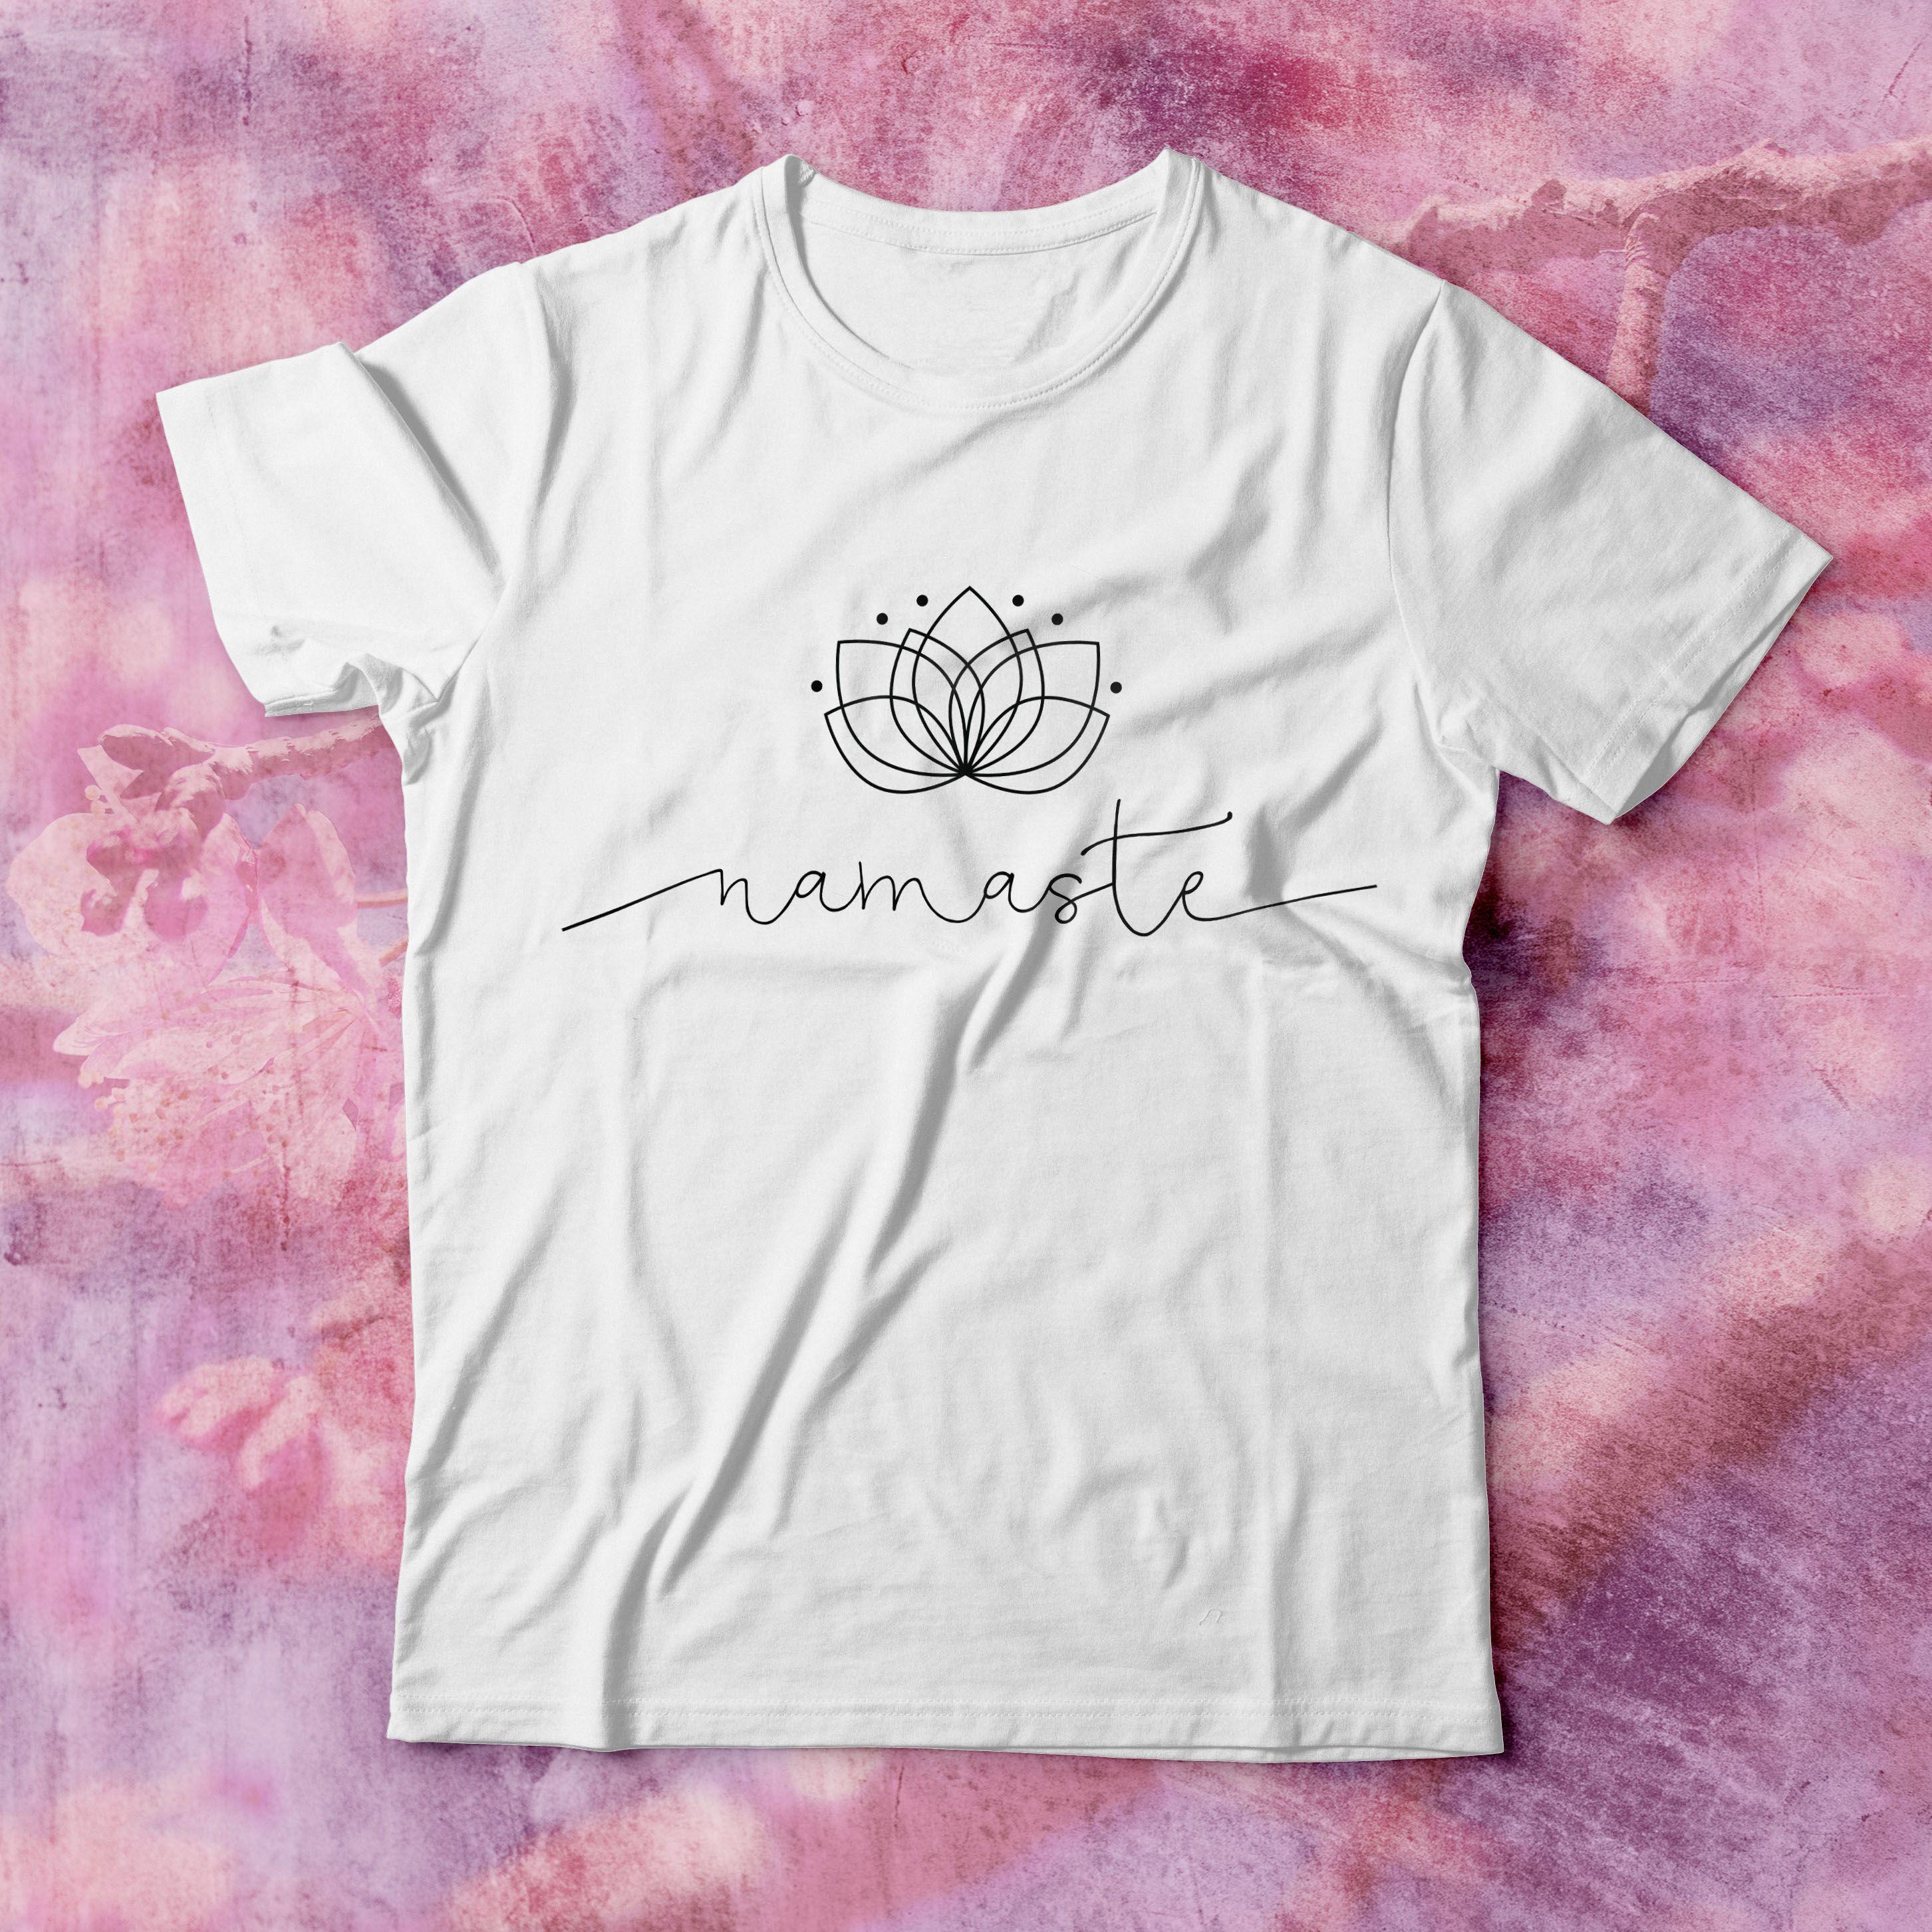 Namaste T Shirt Namaste Zen Meditate Meditation Yoga Tshirt Tshisrts Apparel Typography Design Tshirtdesign T Yoga Tee Shirt T Shirt Shirt Designs